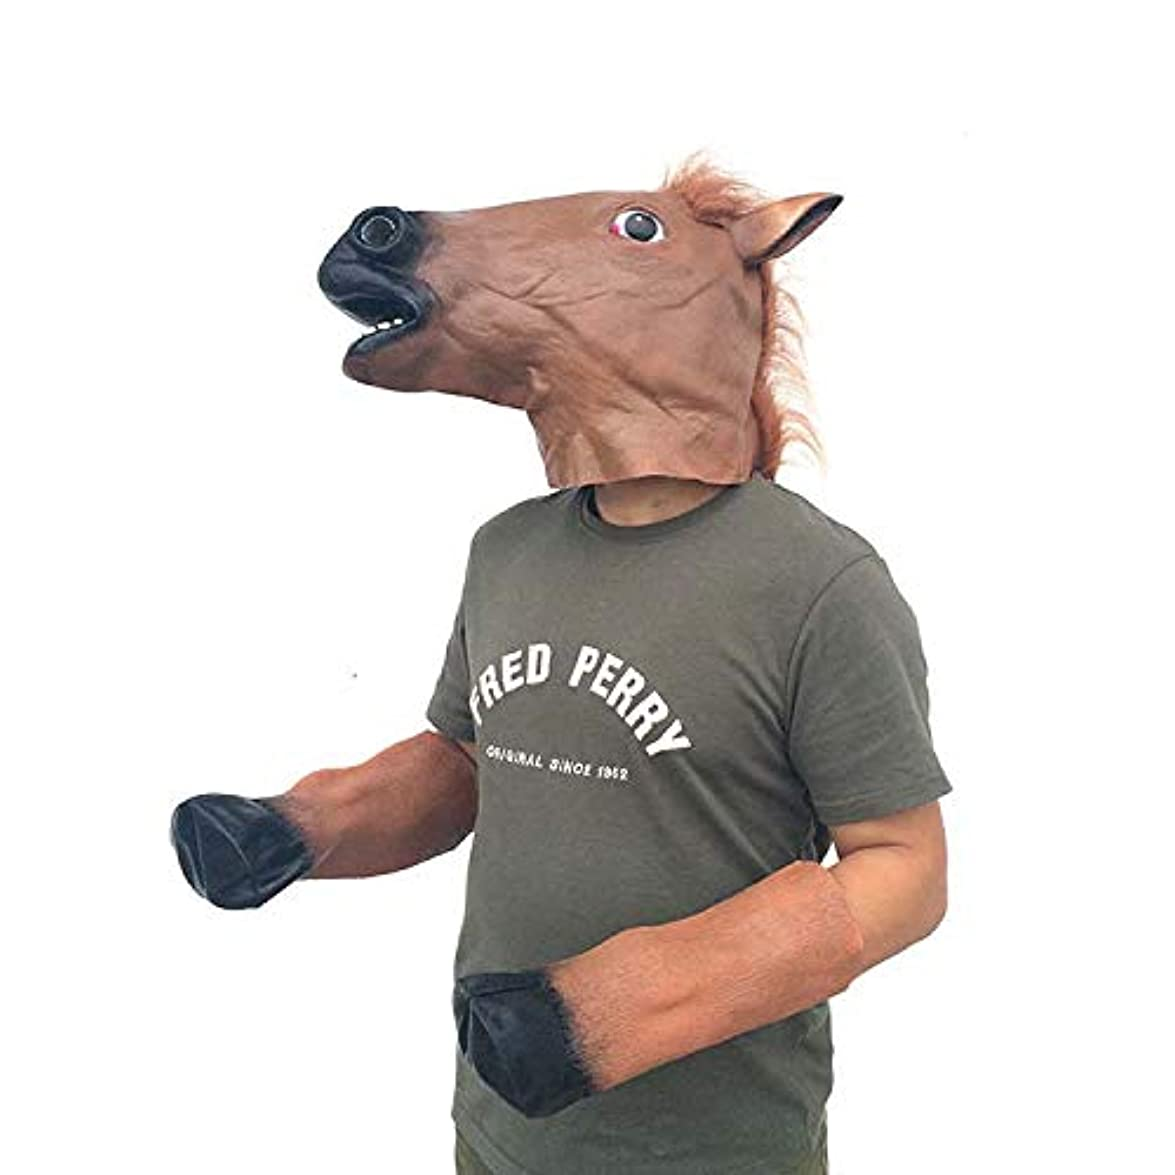 和解するキャップ解き明かすハロウィンパーティーラテックス馬の頭は、動物の頭部カバーブラウン馬のヘッドセットホースシュー馬の足をマスクマスク